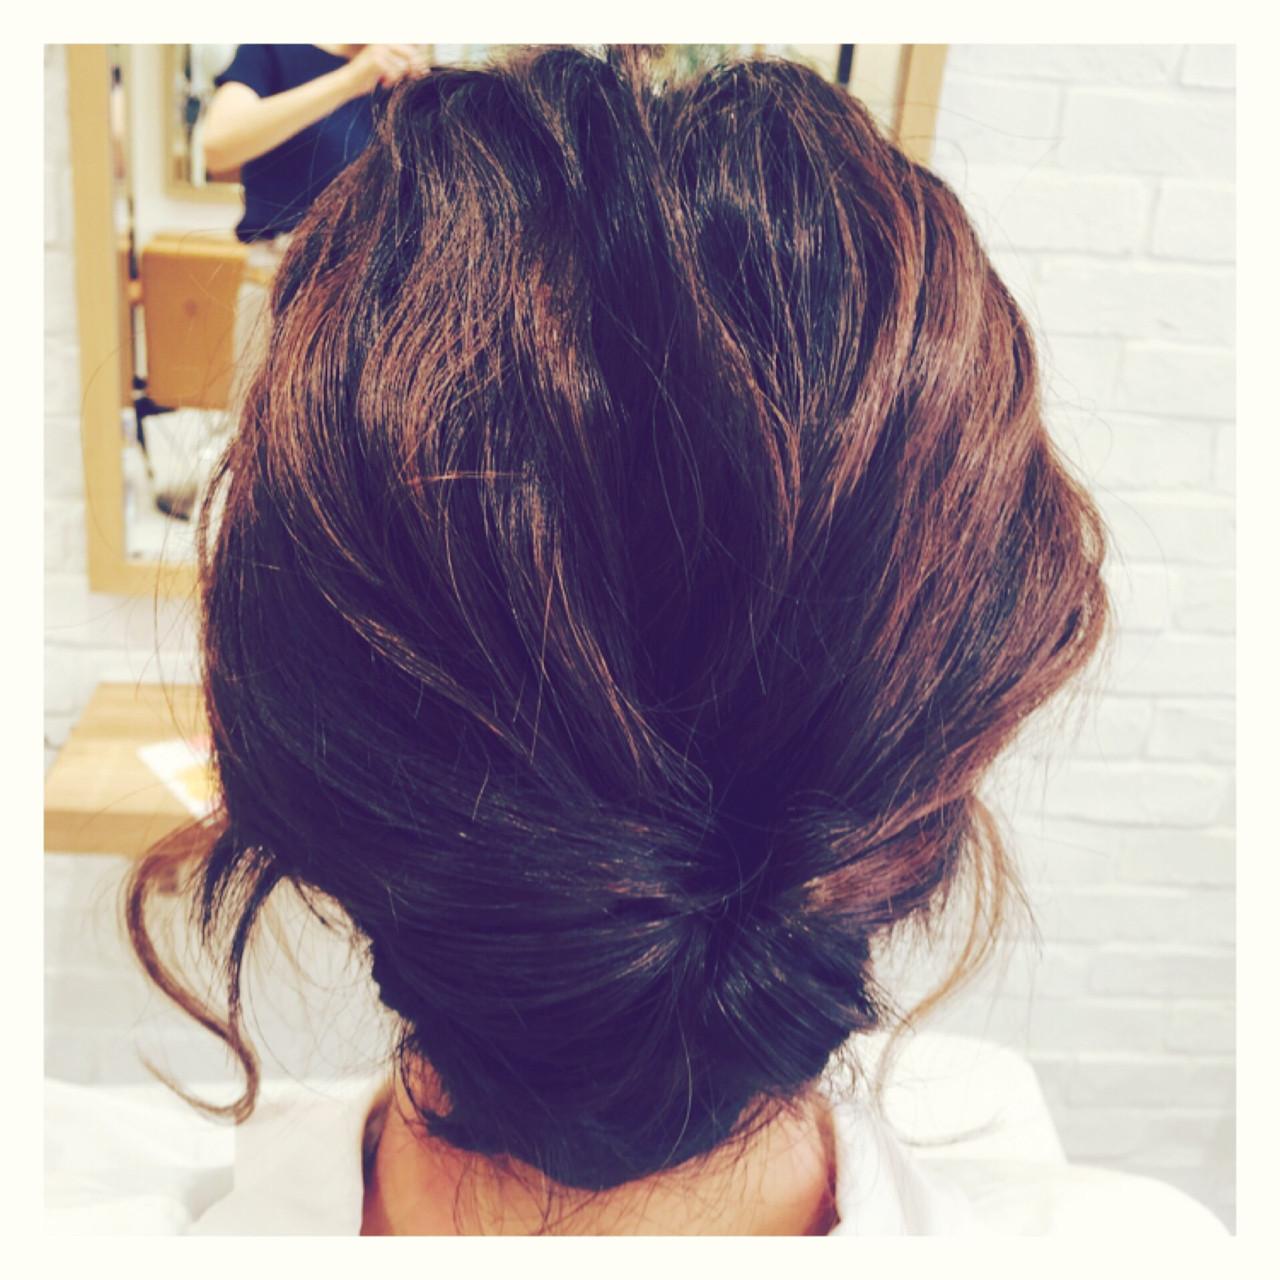 暗髪 アッシュ ゆるふわ ショート ヘアスタイルや髪型の写真・画像 | 宮林あかね/apish / apish coco